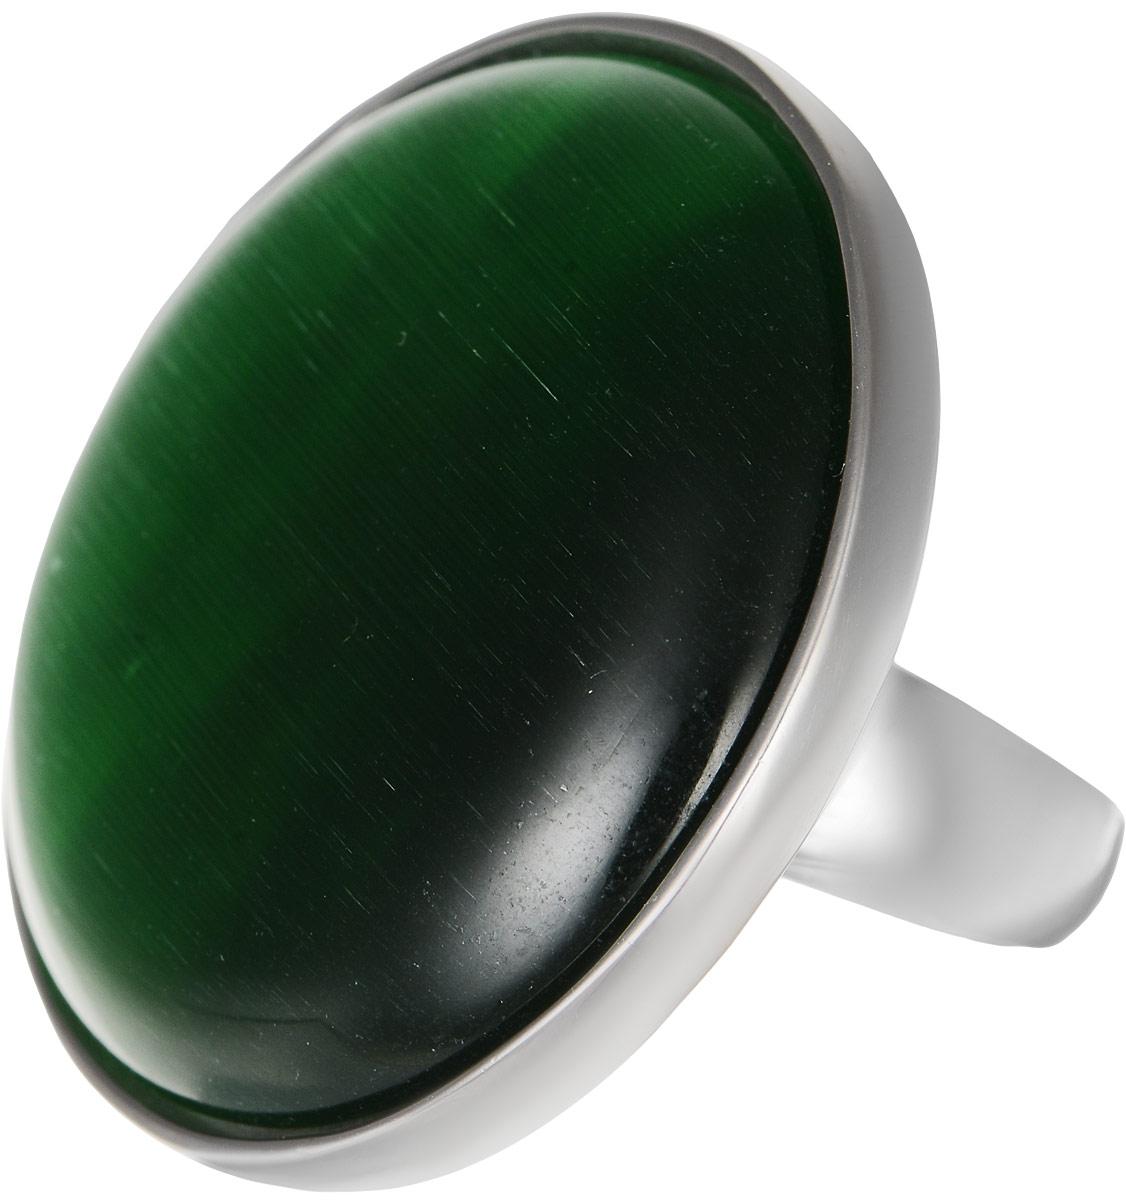 Кольцо Polina Selezneva, цвет: серебристый, зеленый. DG-0020. Размер 17Коктейльное кольцоОригинальное кольцо Polina Selezneva выполнено из бижутерийного сплава. Изделие круглой формы, дополнено искусственным камнем. Такое кольцо это блестящее завершение вашего неповторимого, смелого образа и отличный подарок для ценительницы необычных украшений!